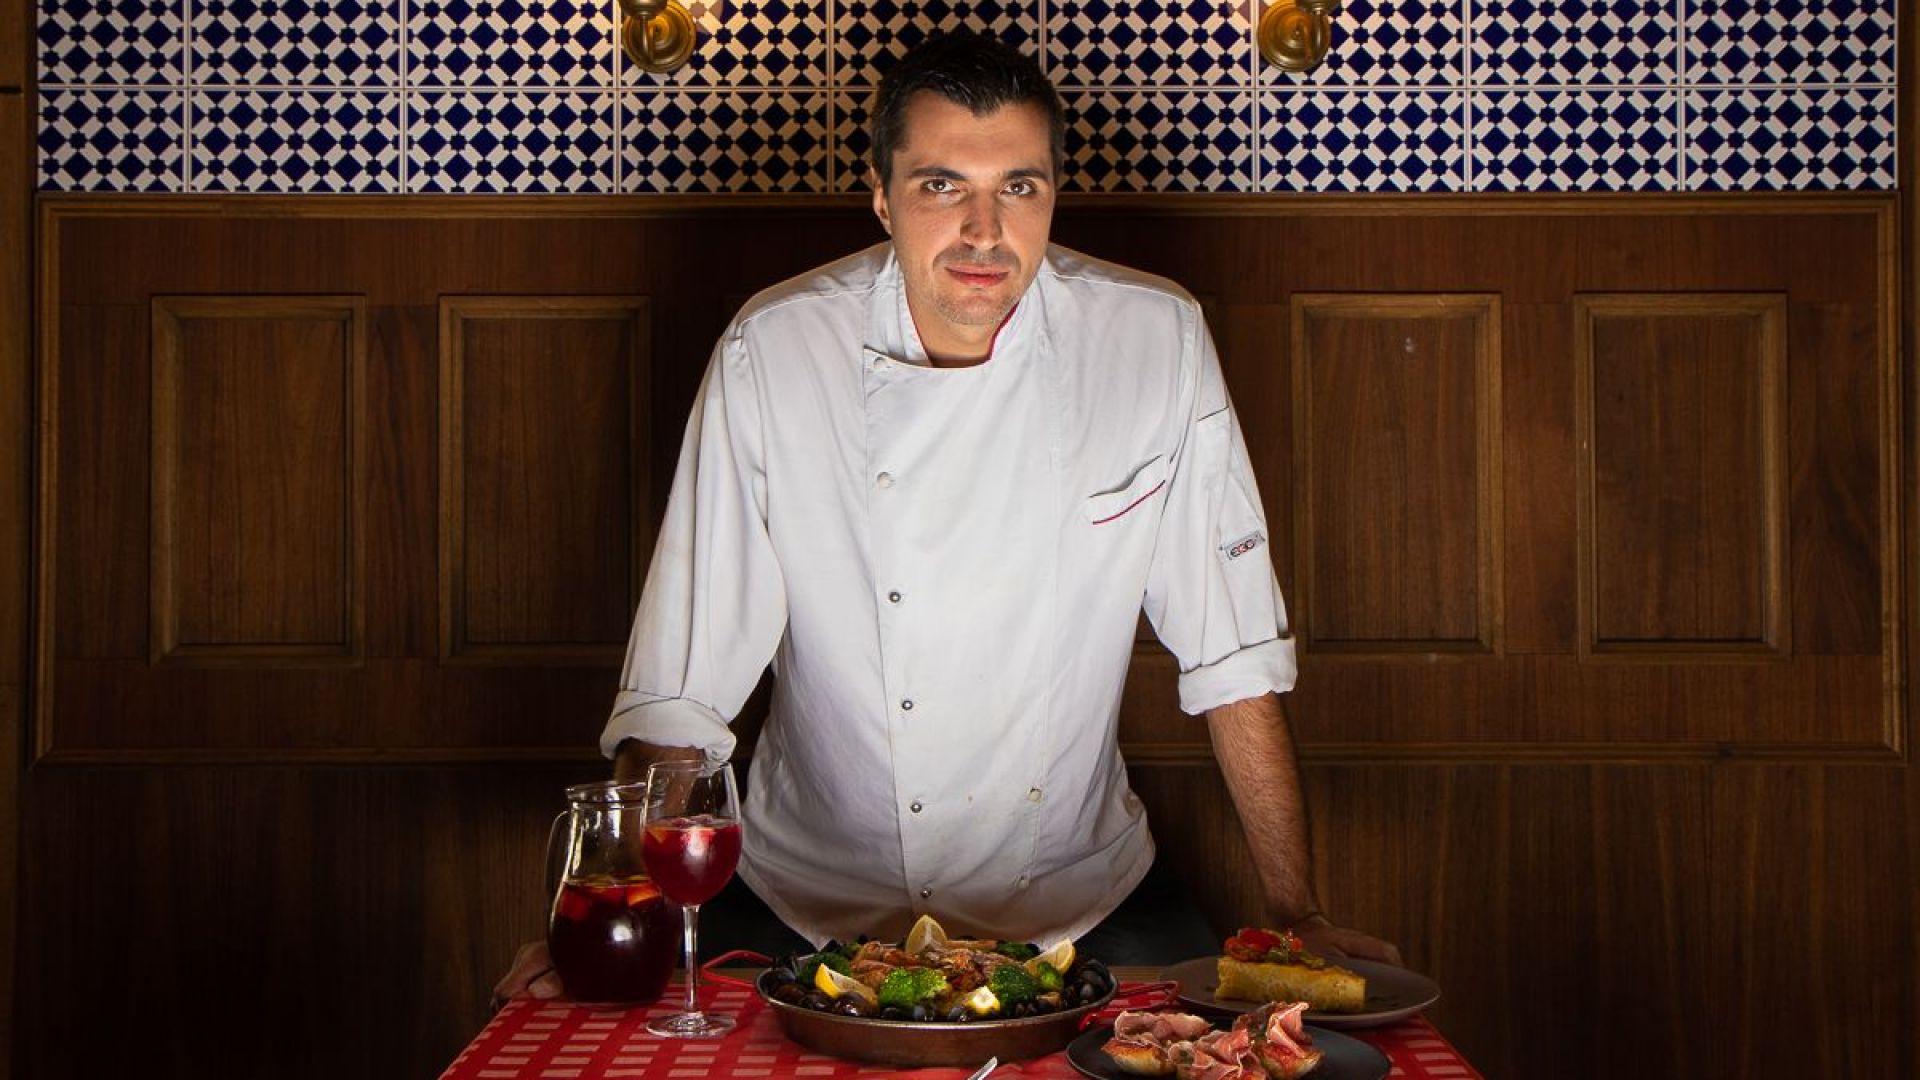 """Шеф Ташков от ресторант """"Бодега"""": Ползваме продукти, които се внасят специално за нас"""